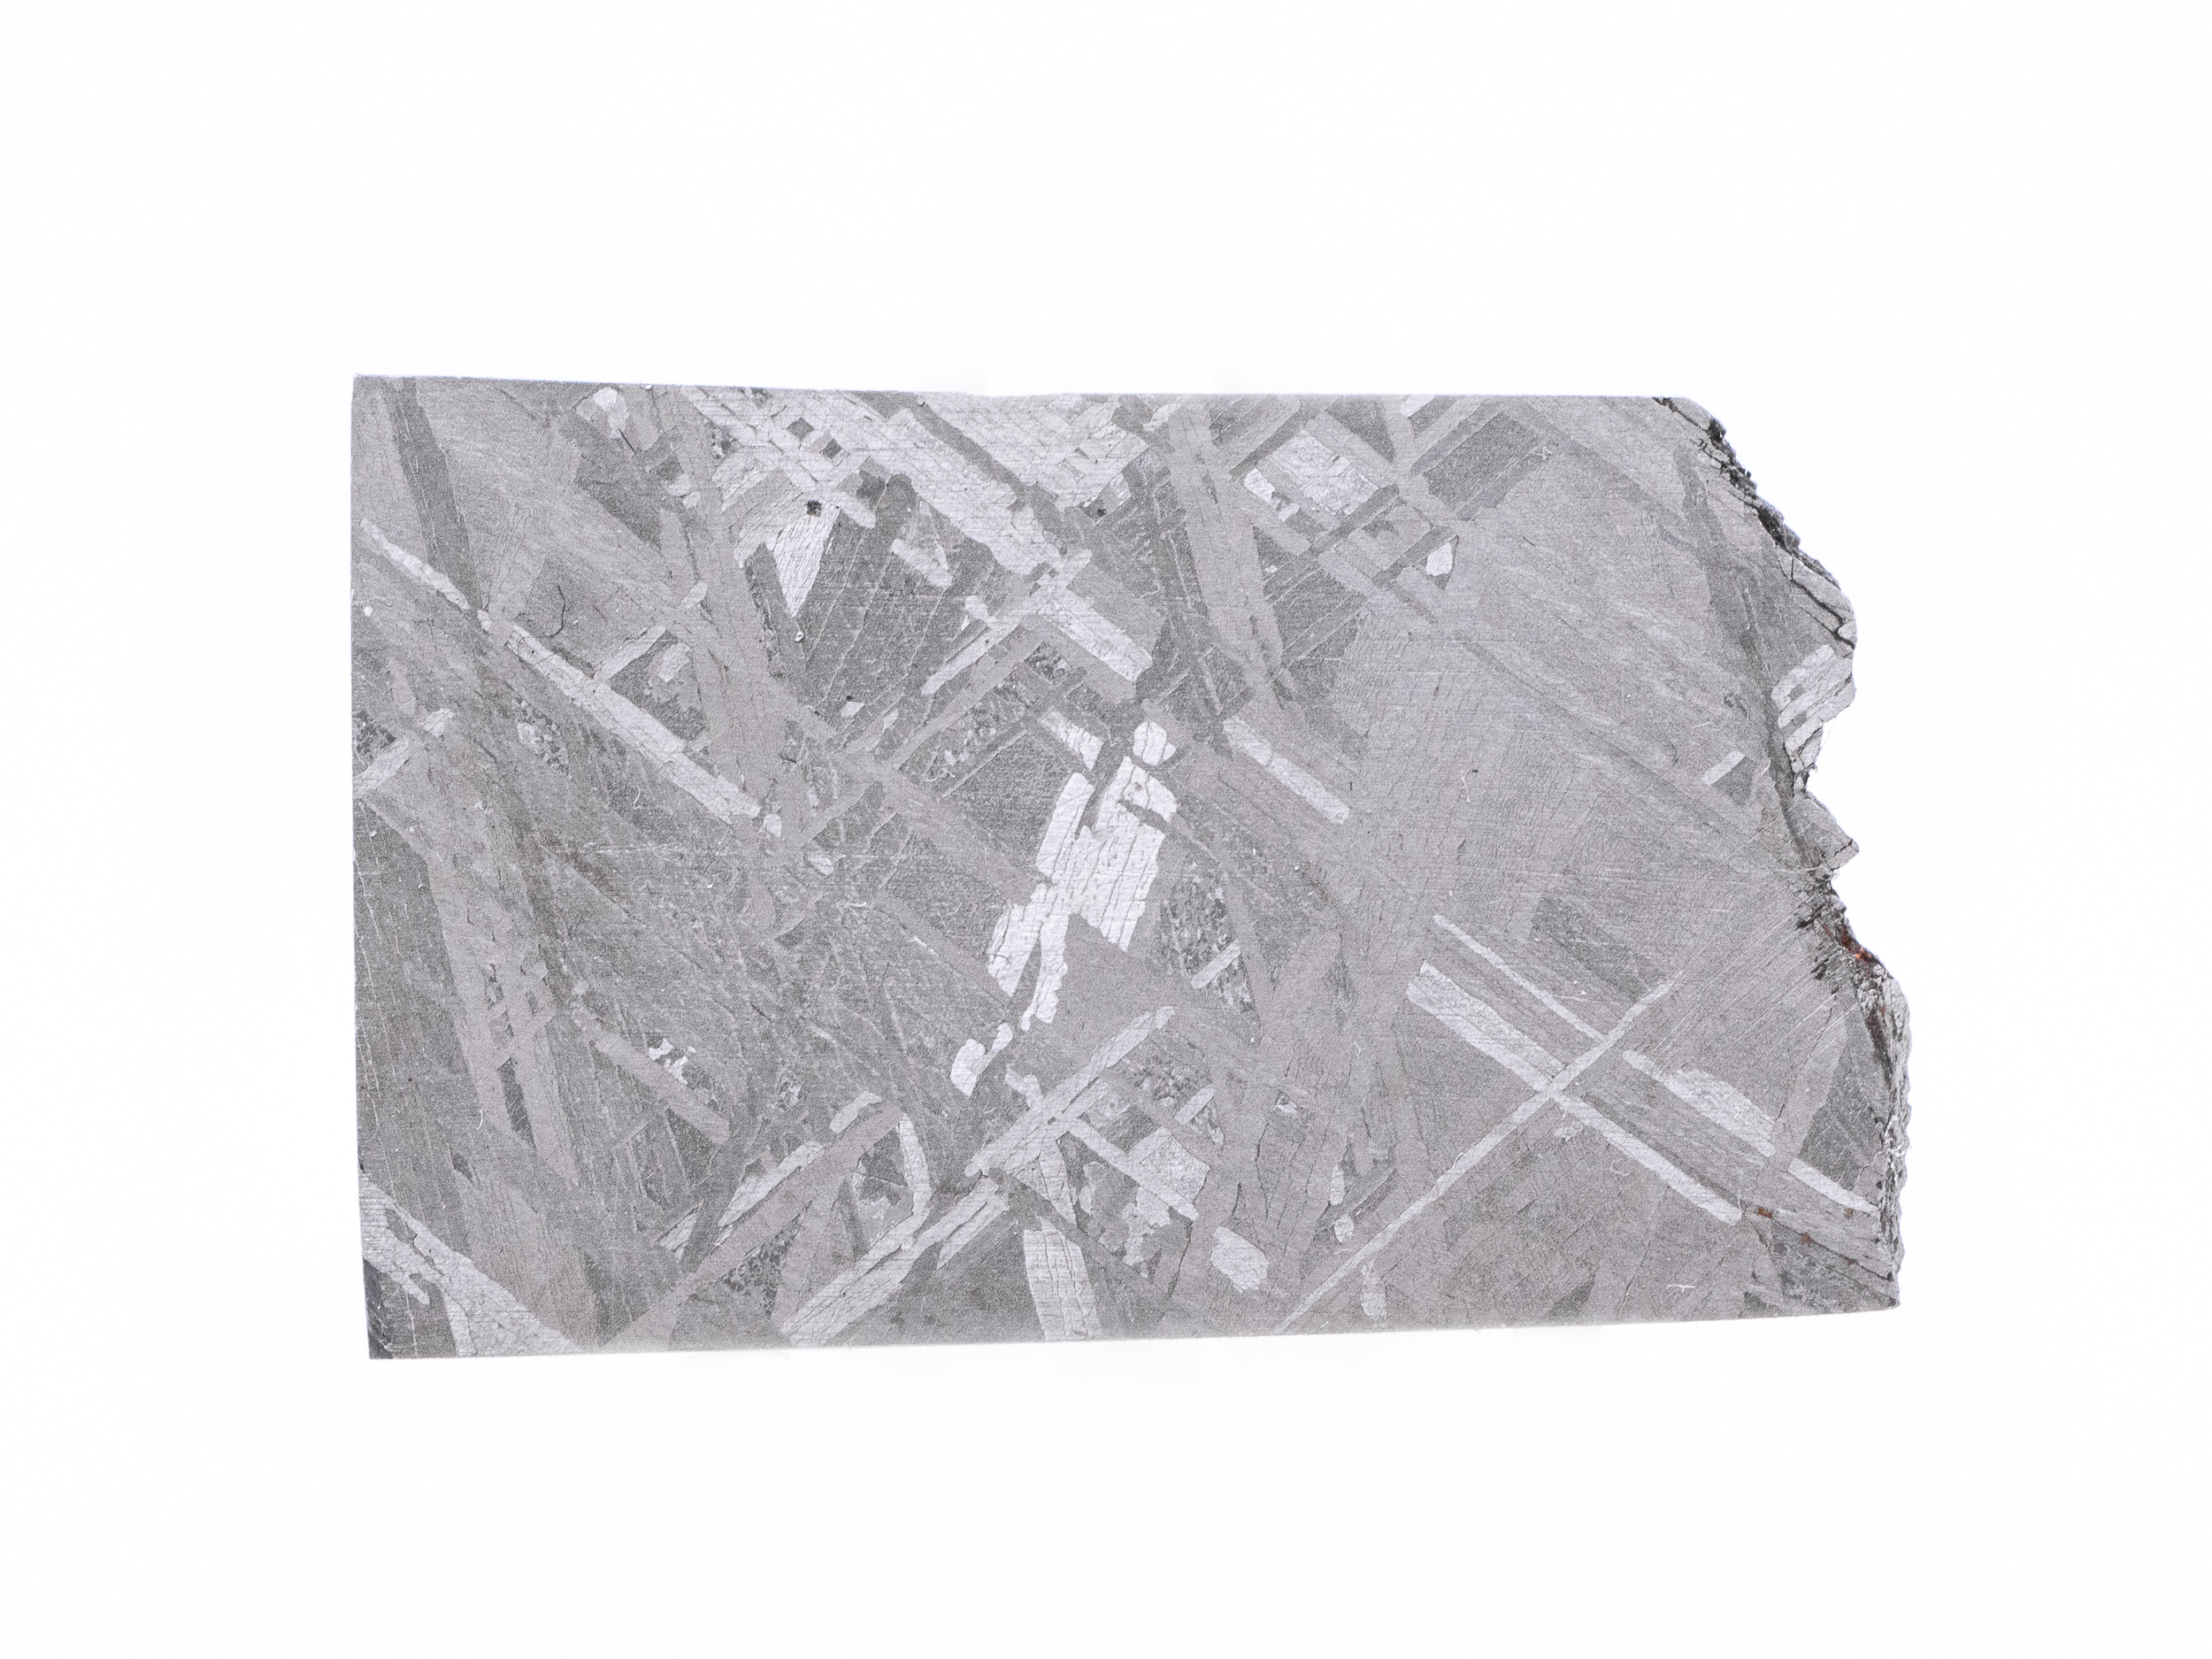 muonionalusta iron meteorite 16g